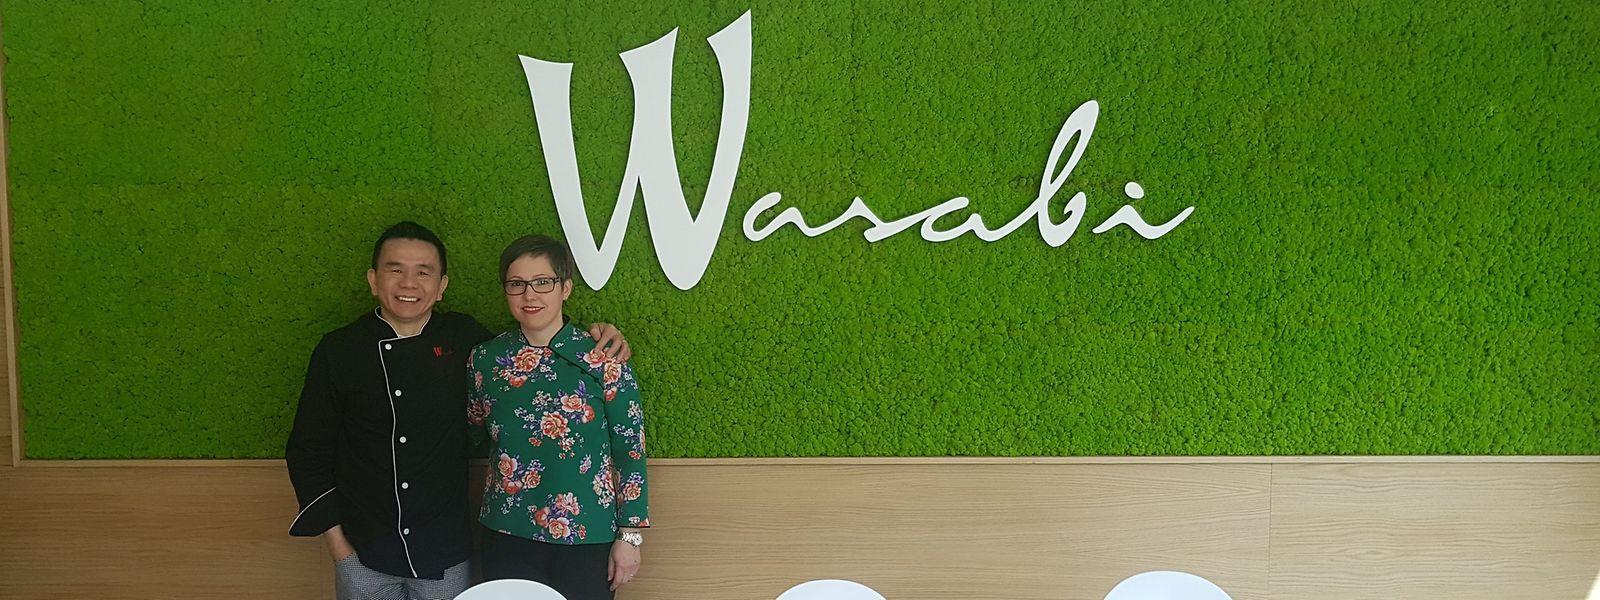 Wing-Cheong e Fátina Fernandes, proprietários do restaurante Wasabi.